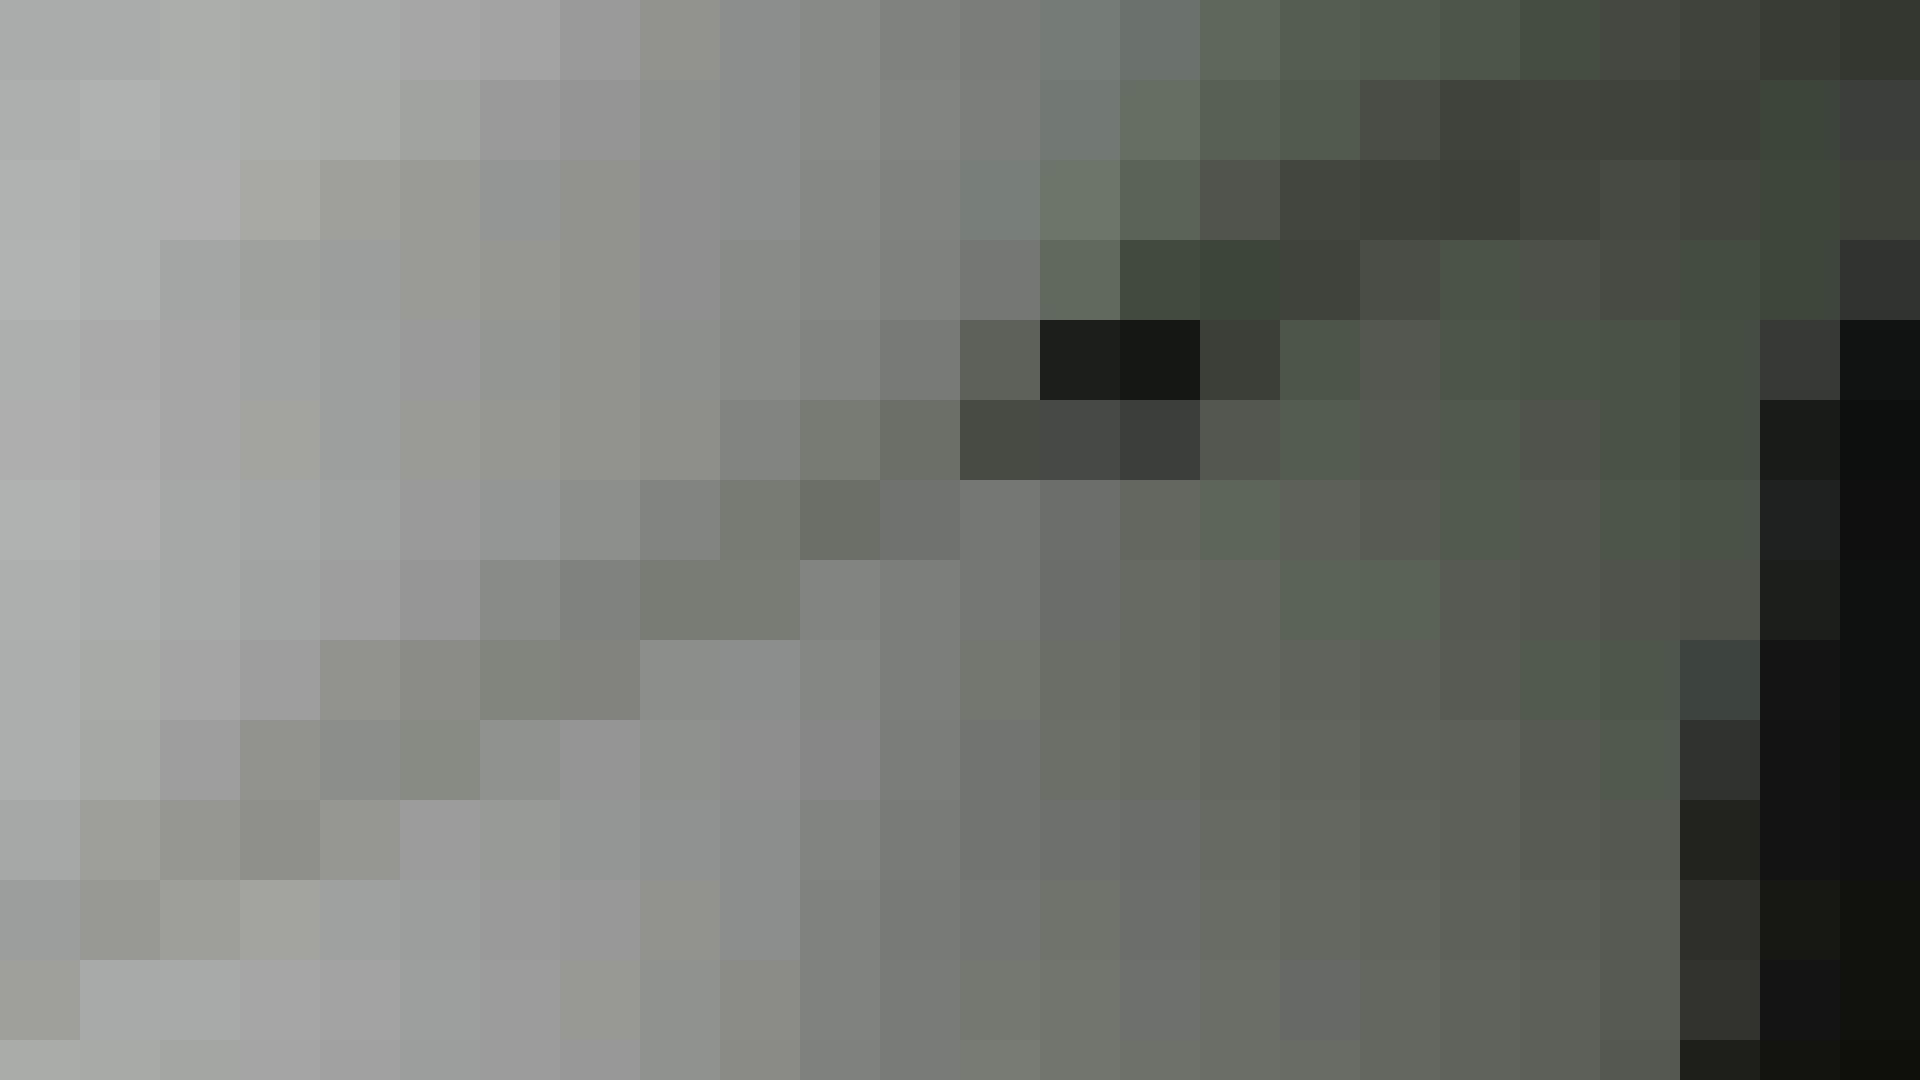 日本成人用品展览会。vol.02 着替えシーンもありマス 潜入 すけべAV動画紹介 92画像 31